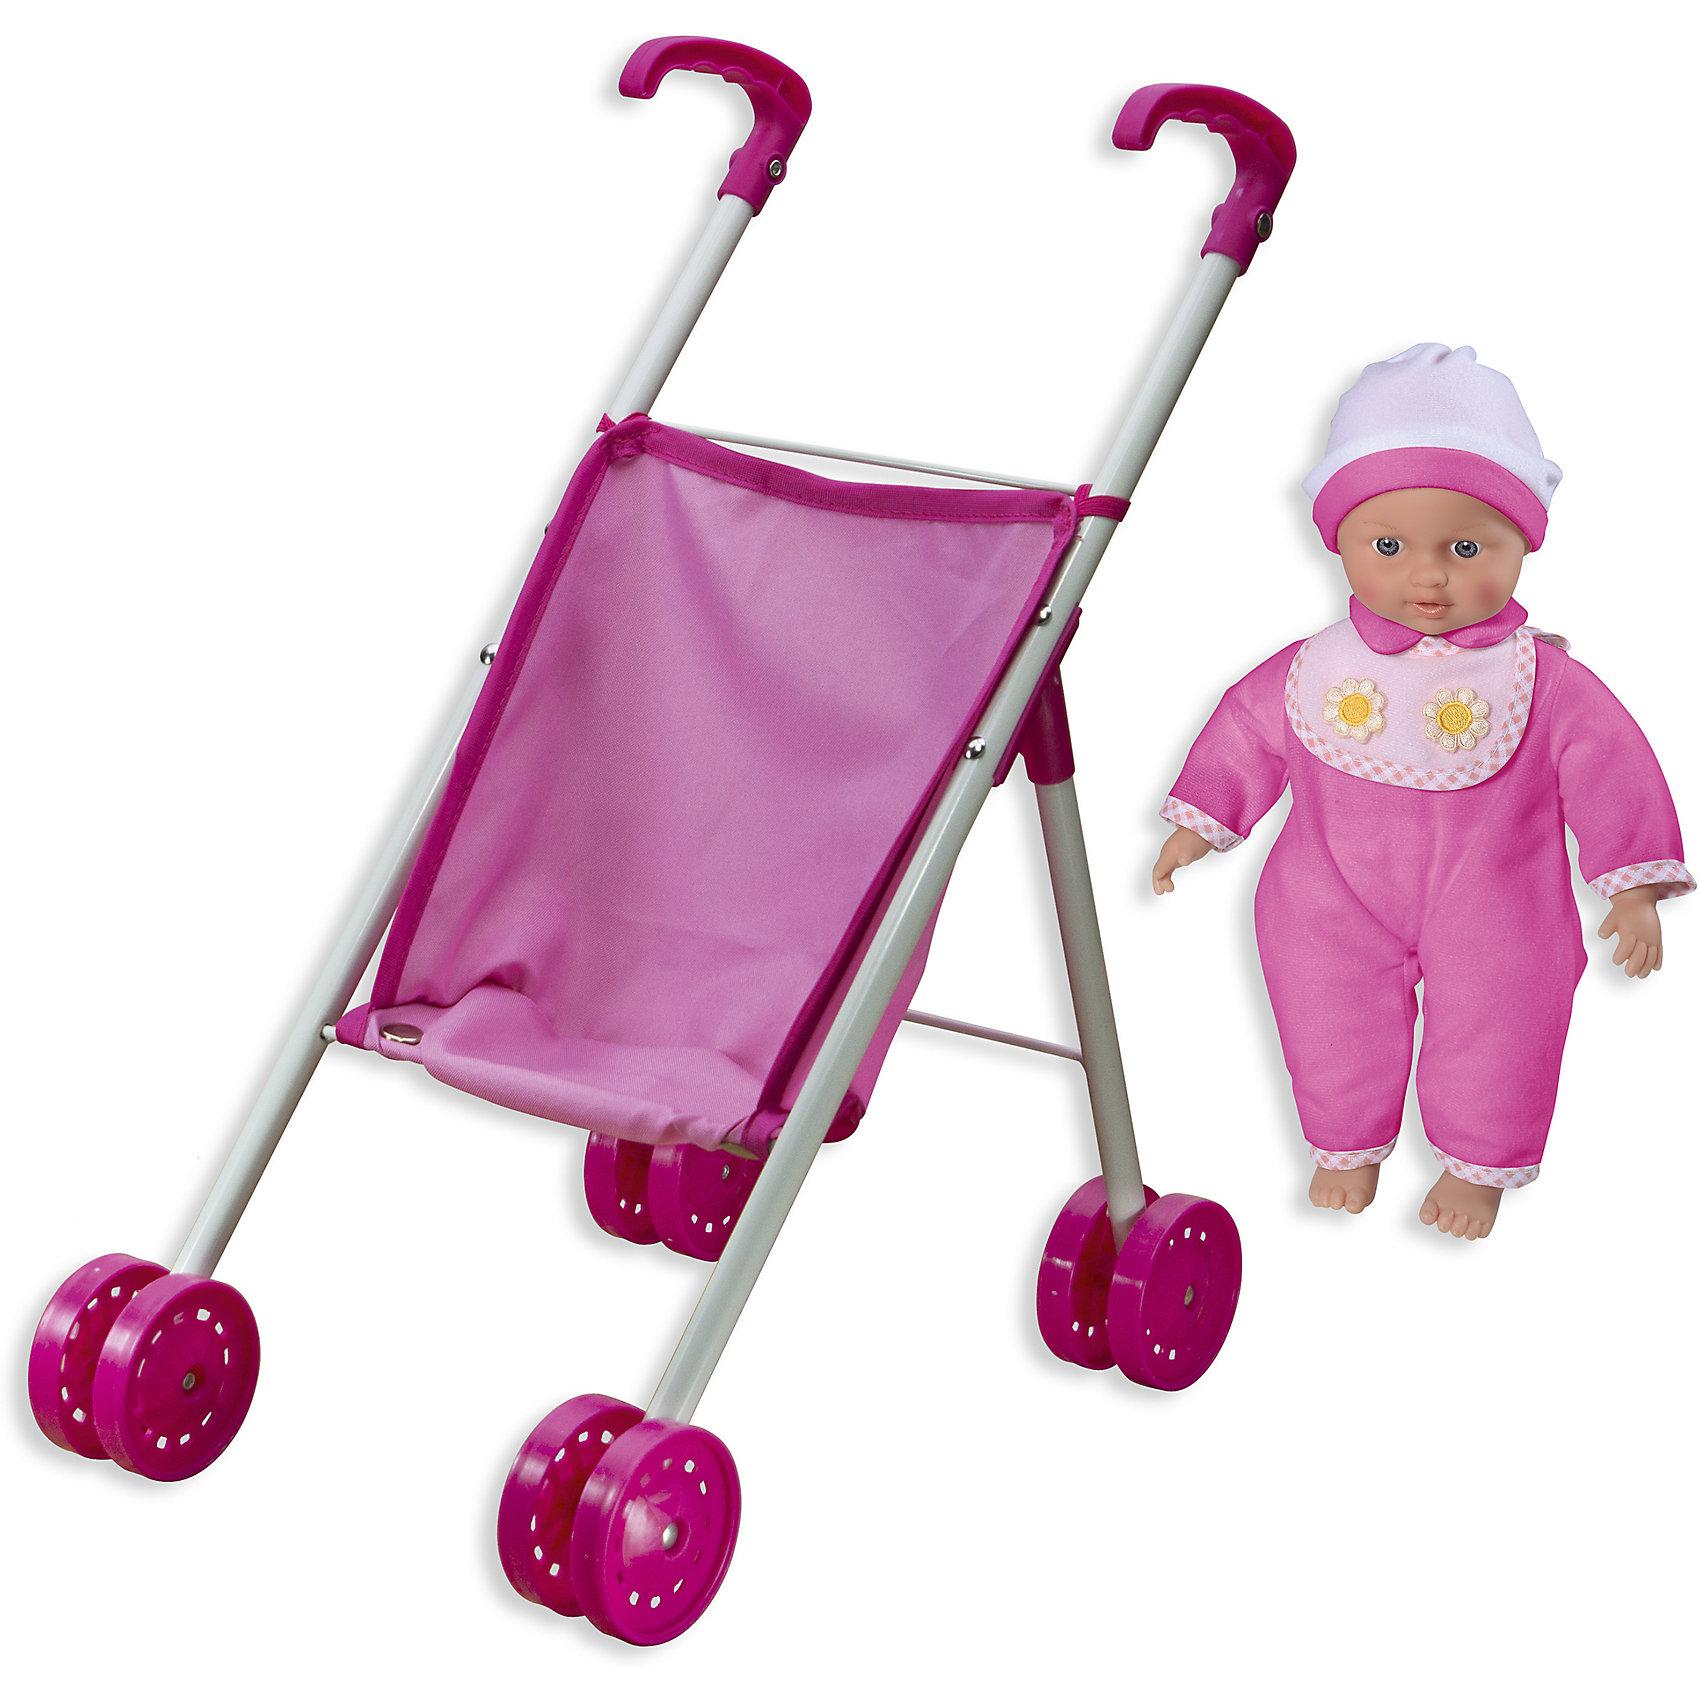 Кукла Tiny Baby с коляской, Loko ToysКуклы-пупсы<br>Характеристики товара:<br><br>• возраст: от 1,5 лет;<br>• материал: пластик, текстиль, ПВХ;<br>• в комплекте: кукла, коляска;<br>• высота куклы: 30 см;<br>• размер упаковки: 57х25,5х13 см;<br>• вес упаковки: 1,43 кг;<br>• страна производитель: Китай;<br>• товар представлен в ассортименте, нет возможности выбрать конкретную расцветку.<br><br>Кукла «Tiny Baby» Loko Toys с коляской одета в розовый мягкий комбинезон и шапочку. На шее повязан слюнявчик. Куклу можно взять на прогулку на свежем воздухе, посадив ее в комфортную коляску. Игра с куклой привьет девочке любовь, чувство ответственности, заботы и помощи окружающим. Нажав на животик, кукла начнет плакать, а маленькая заботливая мама может покачать пупса и успокоить.<br><br>Куклу «Tiny Baby» Loko Toys с коляской можно приобрести в нашем интернет-магазине.<br><br>Ширина мм: 255<br>Глубина мм: 130<br>Высота мм: 570<br>Вес г: 1430<br>Возраст от месяцев: 18<br>Возраст до месяцев: 2147483647<br>Пол: Женский<br>Возраст: Детский<br>SKU: 6759067